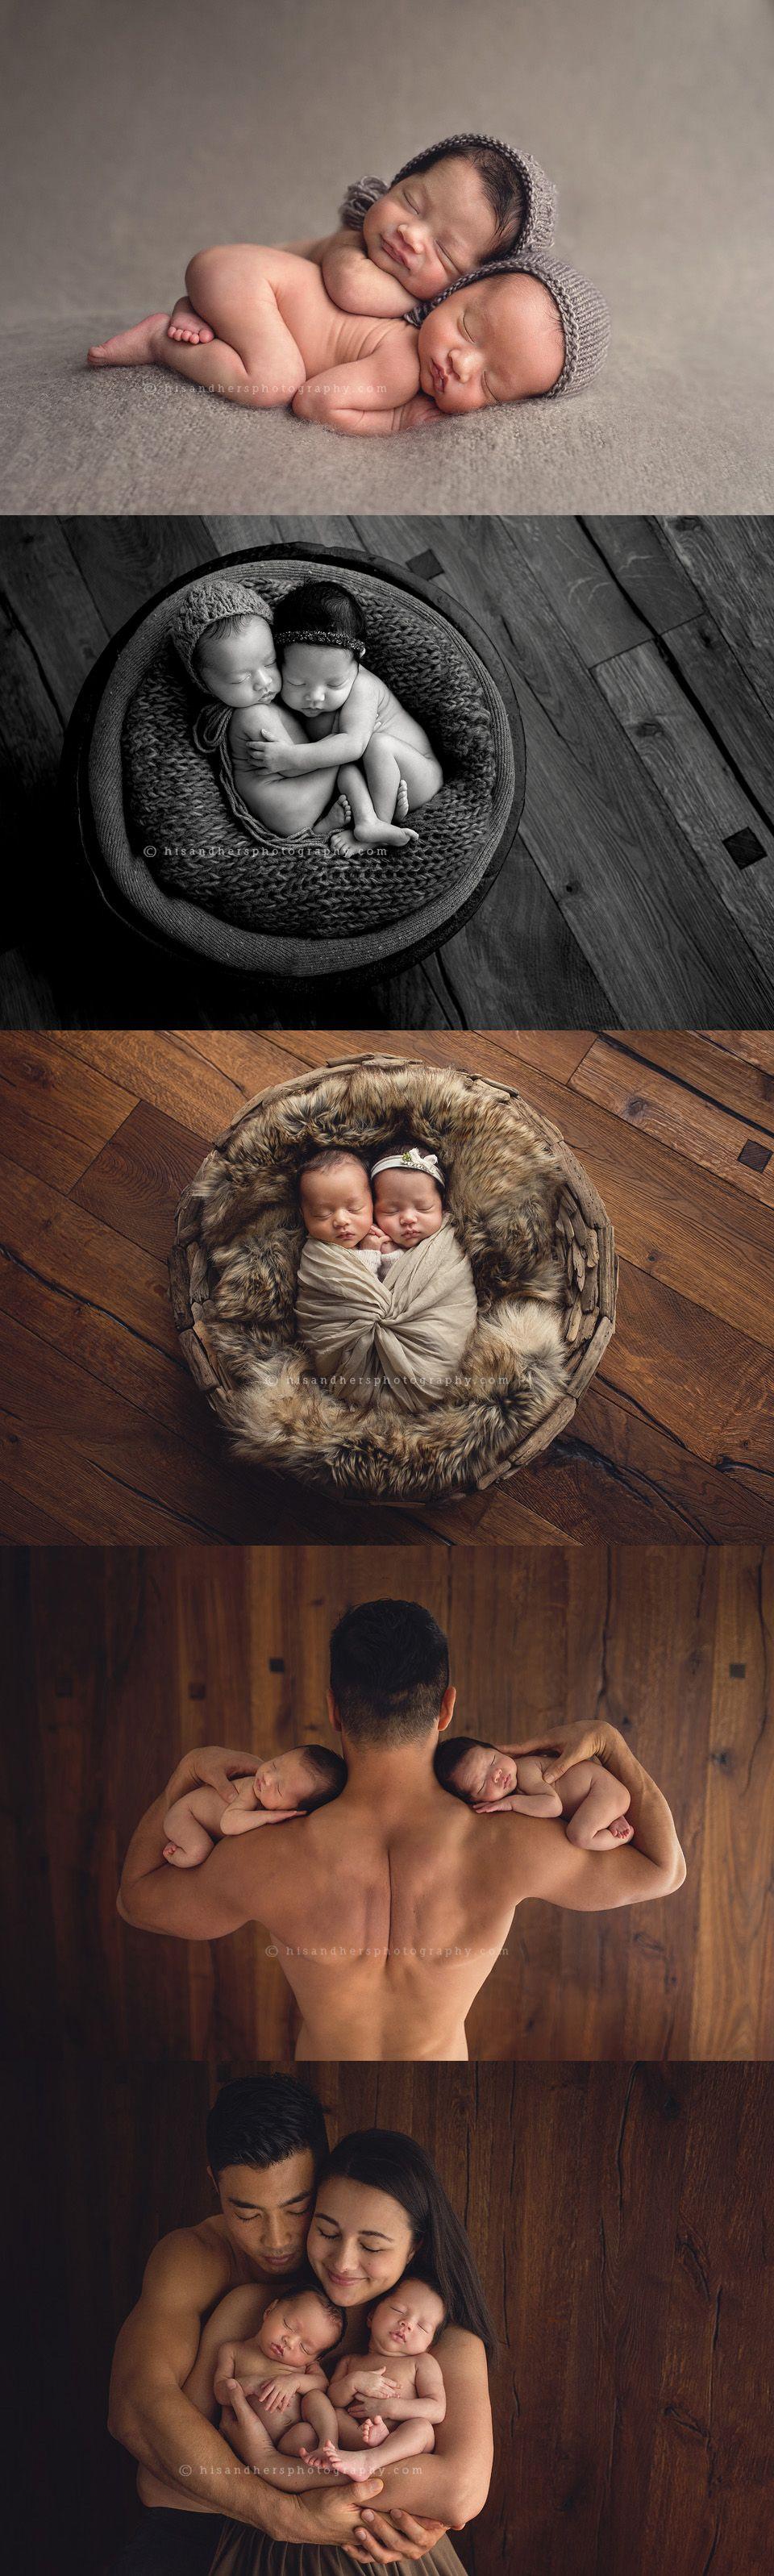 des moines iowa newborn twins triplets photographer baby photographer new baby photographer quadruplets best newborn photographer iowa